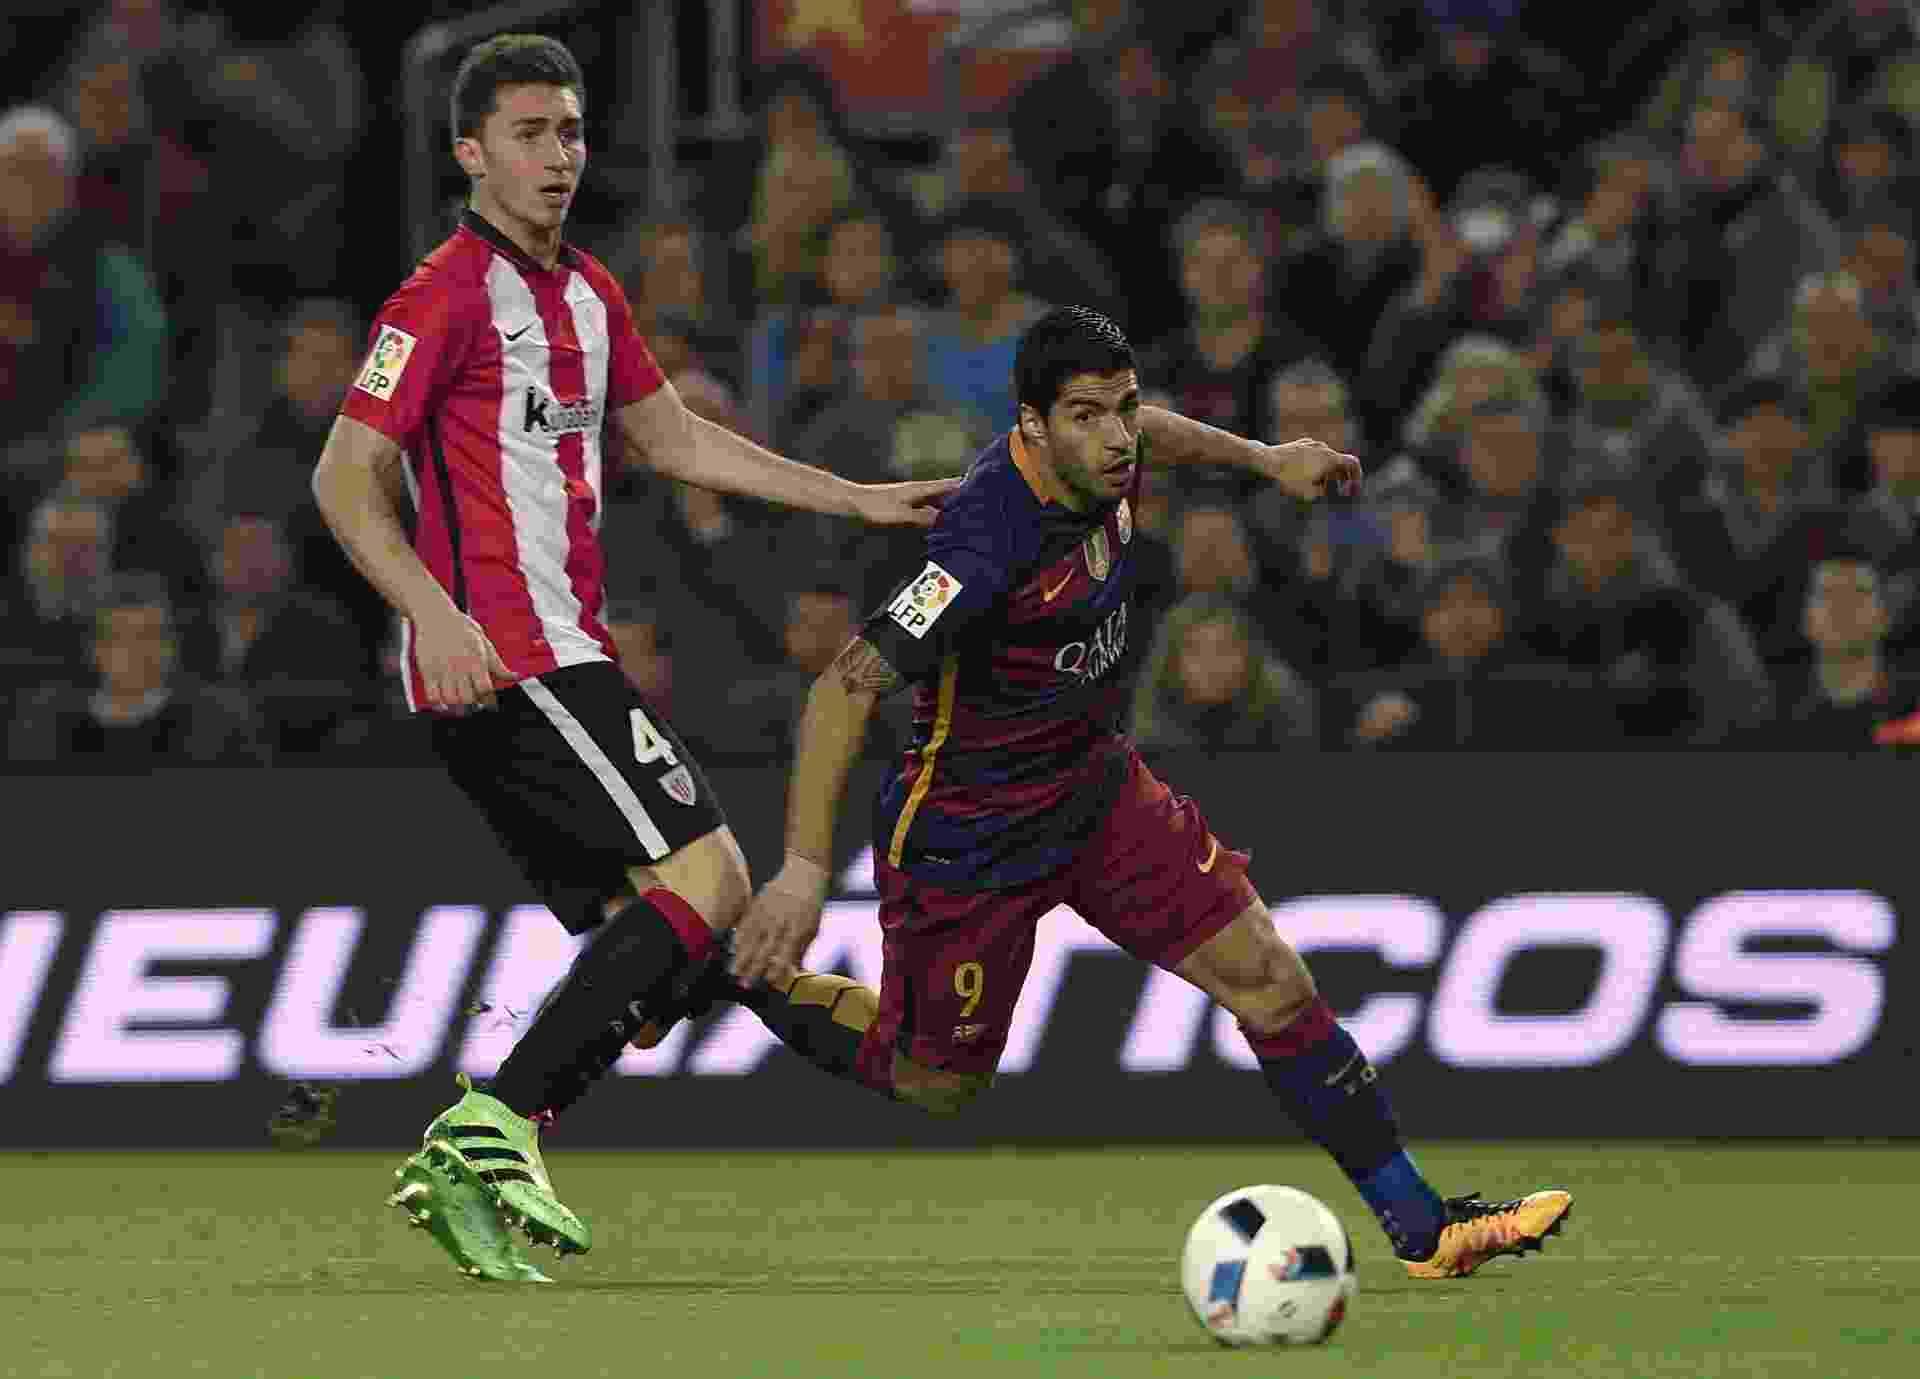 Luiz Suárez faz jogada contra o Athletic Bilbao em jogo válido pela Copa do Rei - AFP PHOTO / LLUIS GENE ORG